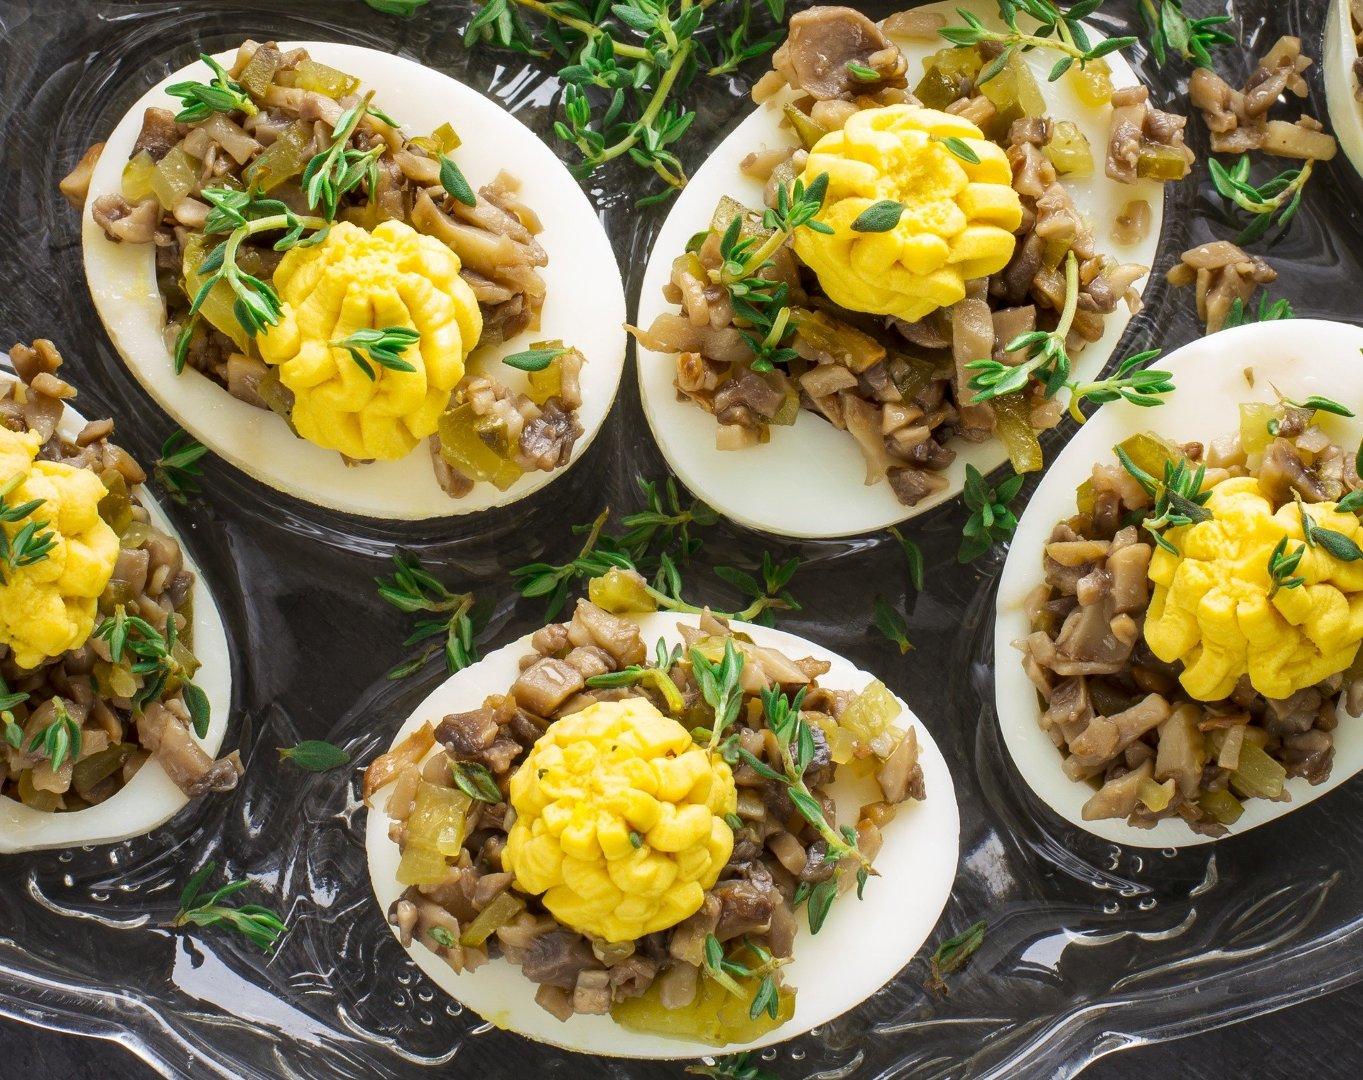 Potrawy Wielkanocne Jajka Faszerowane Pieczarkami I Korniszonami